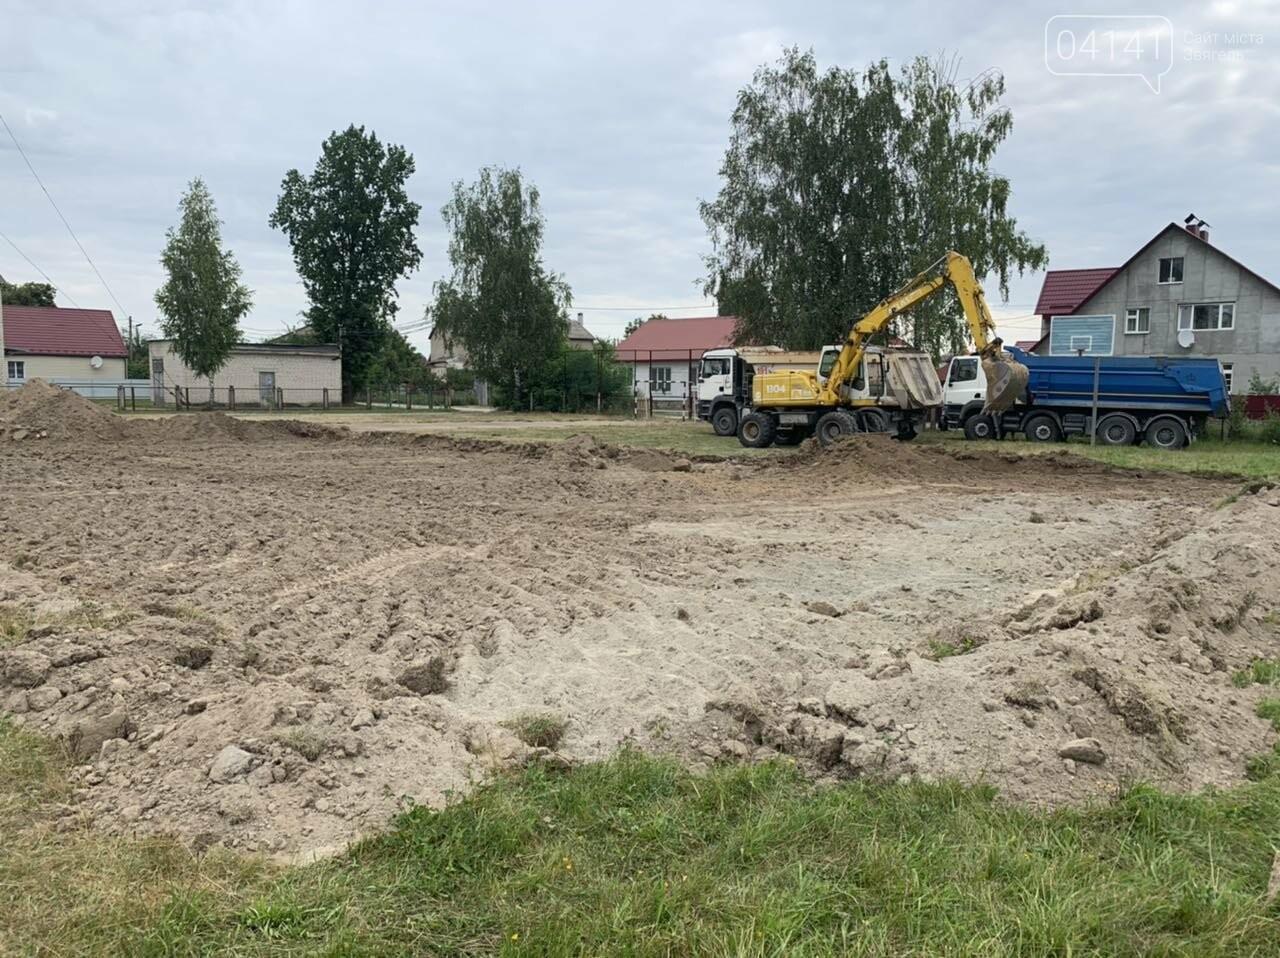 Ще одне футбольне поле з'явиться цьогоріч у Новограді-Волинському, фото-2